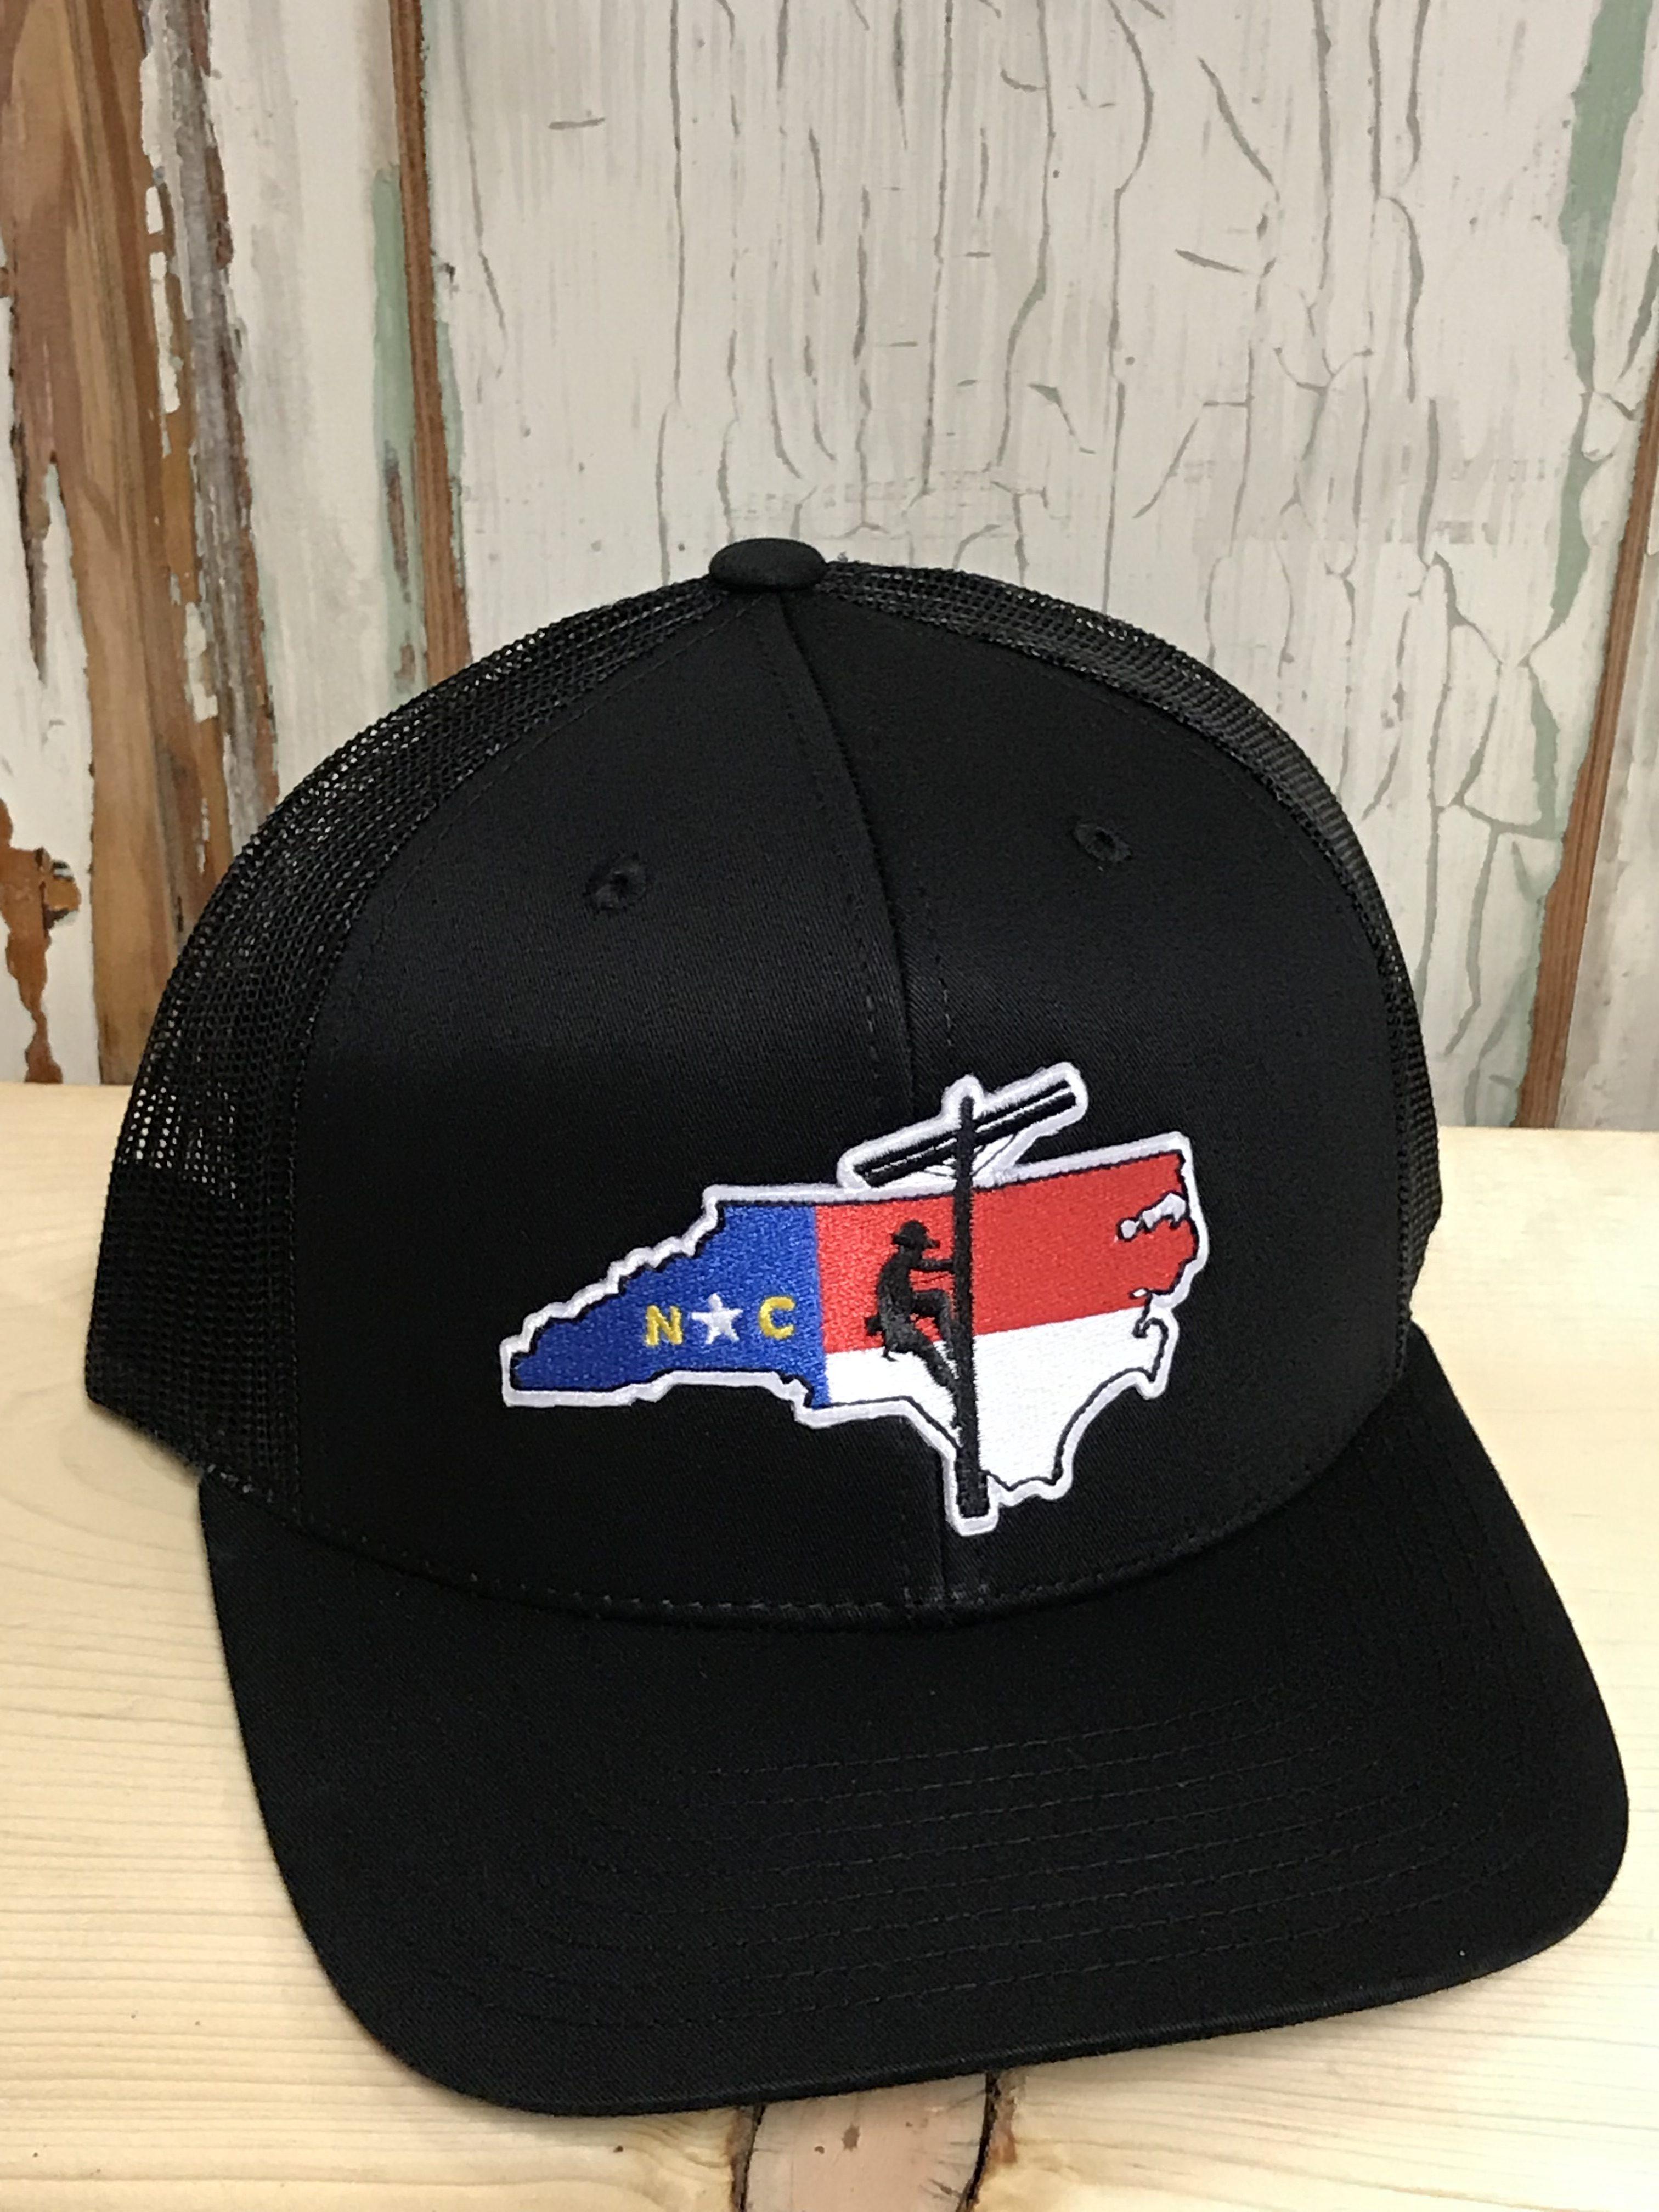 faebc2d0f57f5 North Carolina Lineman Patch Snapback Trucker Hat Black Accessories